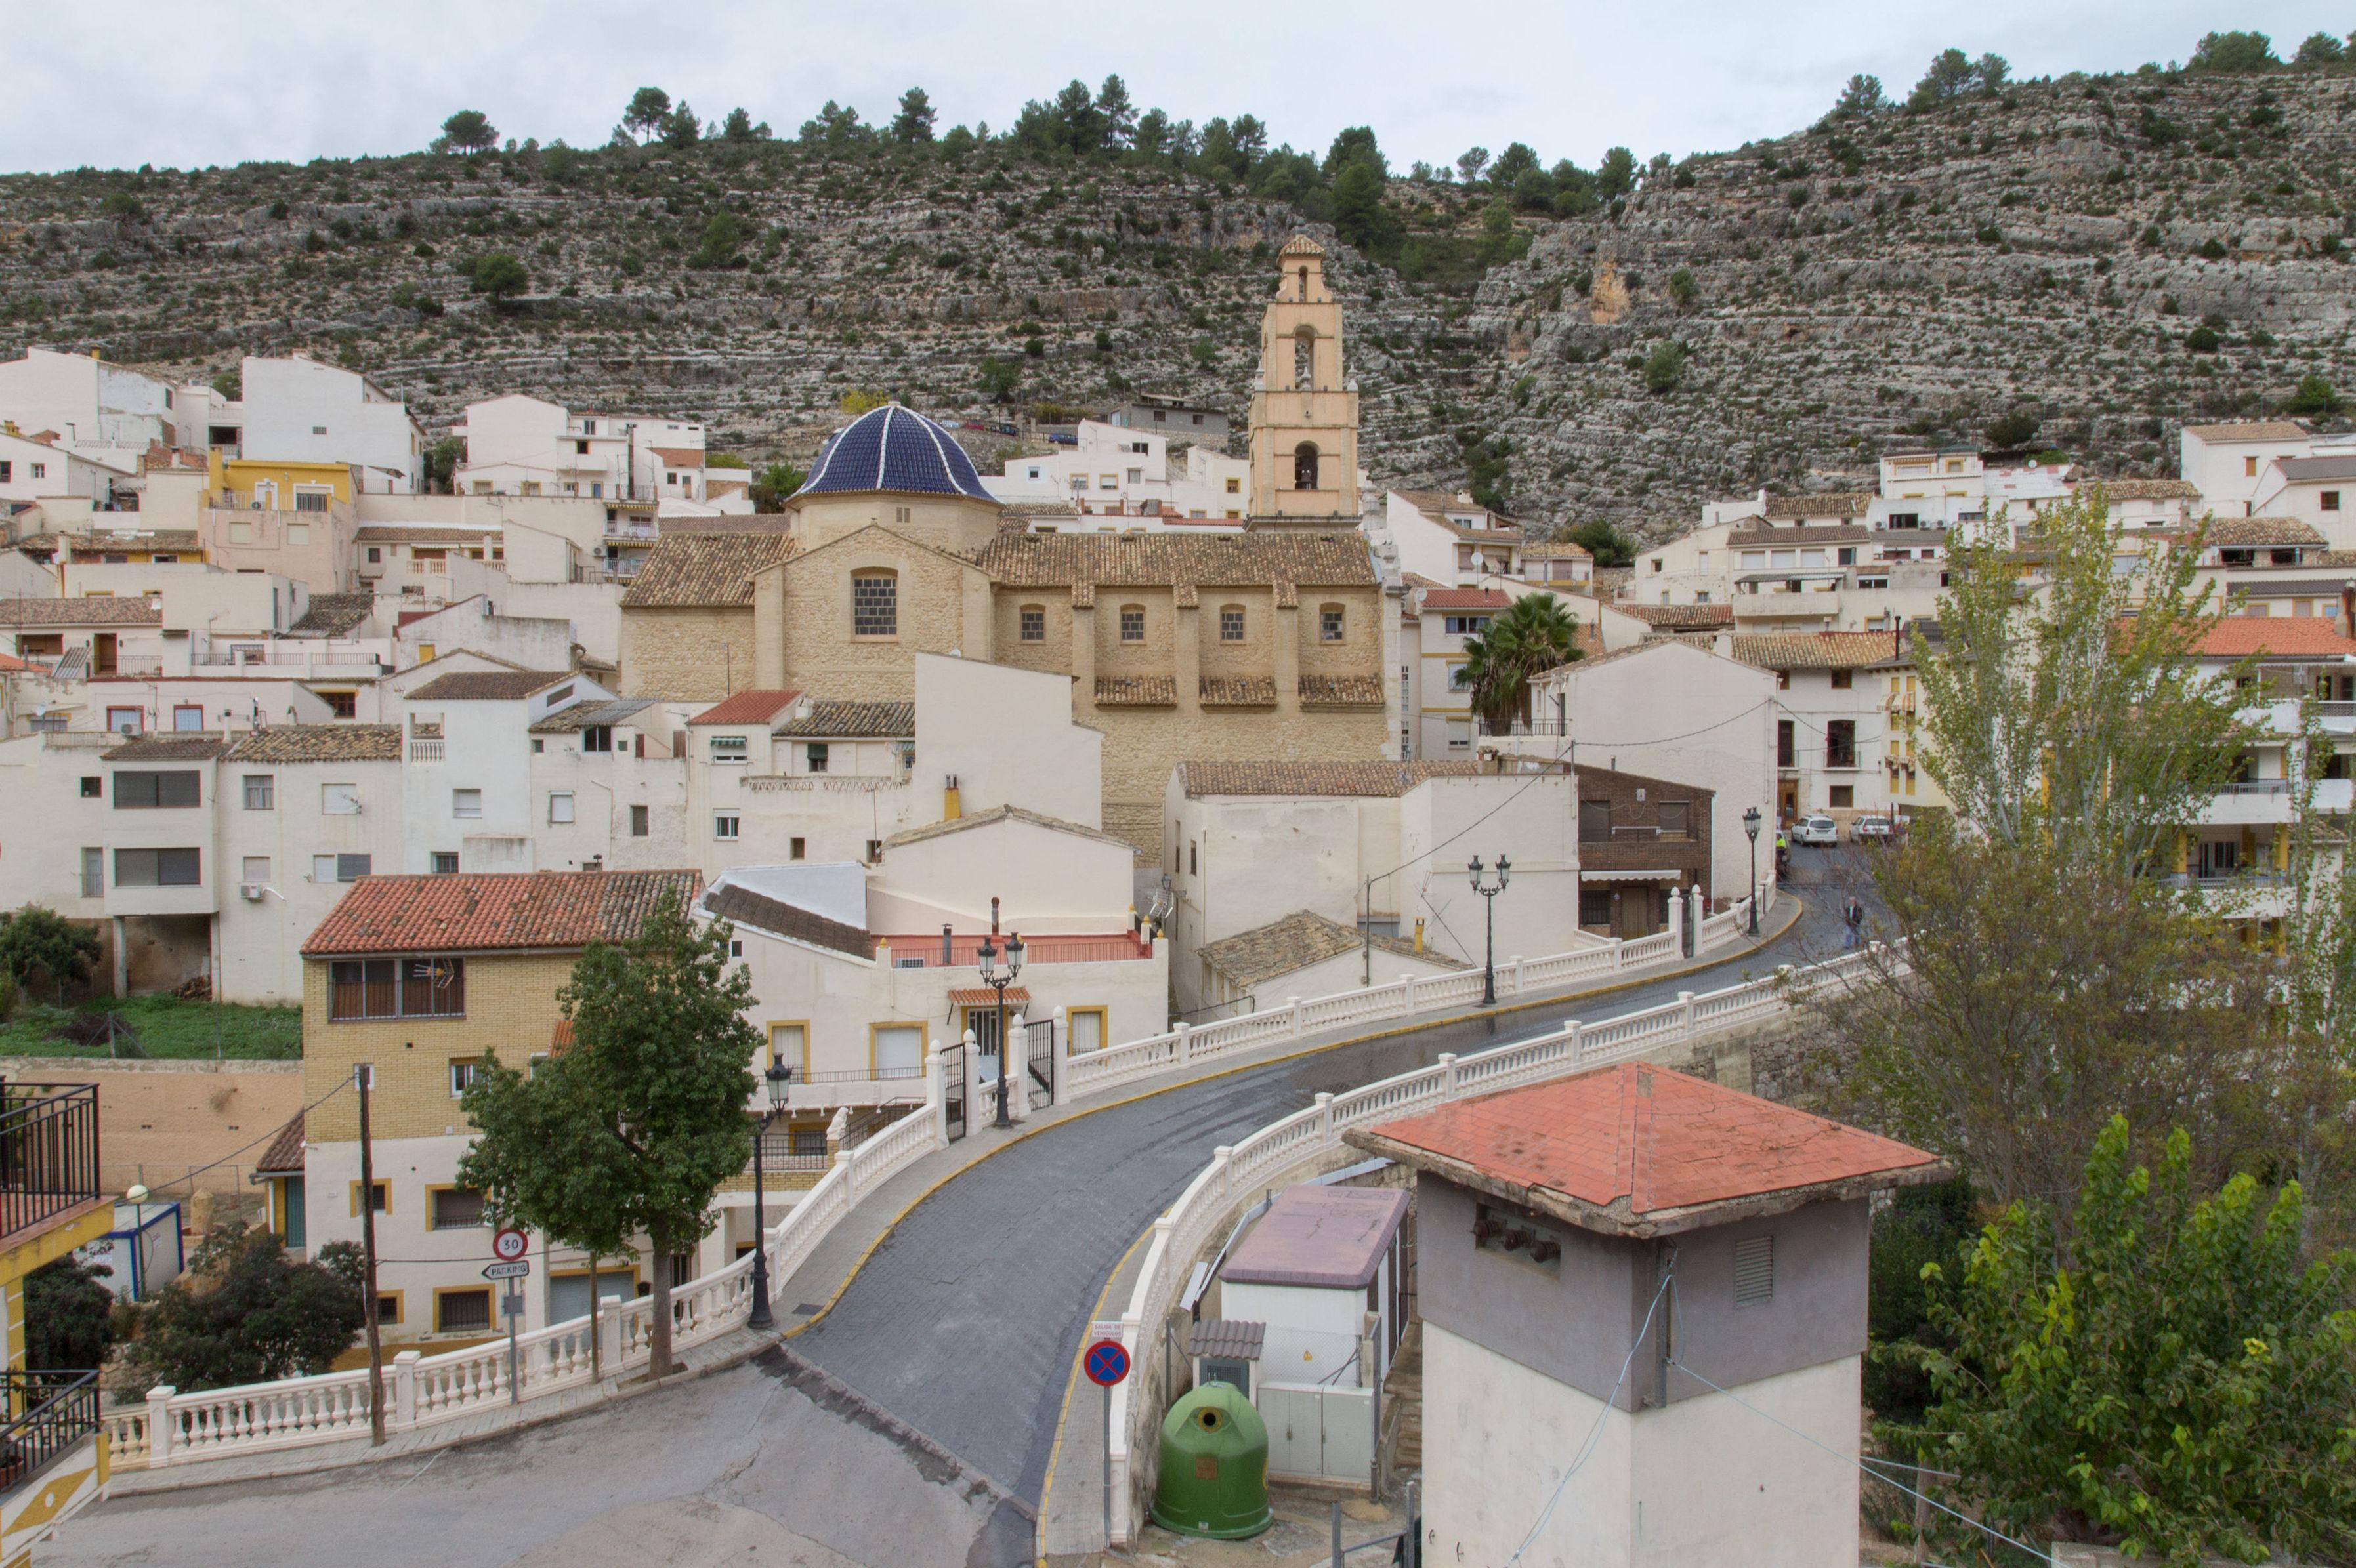 Restaurante y alojamiento en el bonito pueblo de Cortes de Pallás